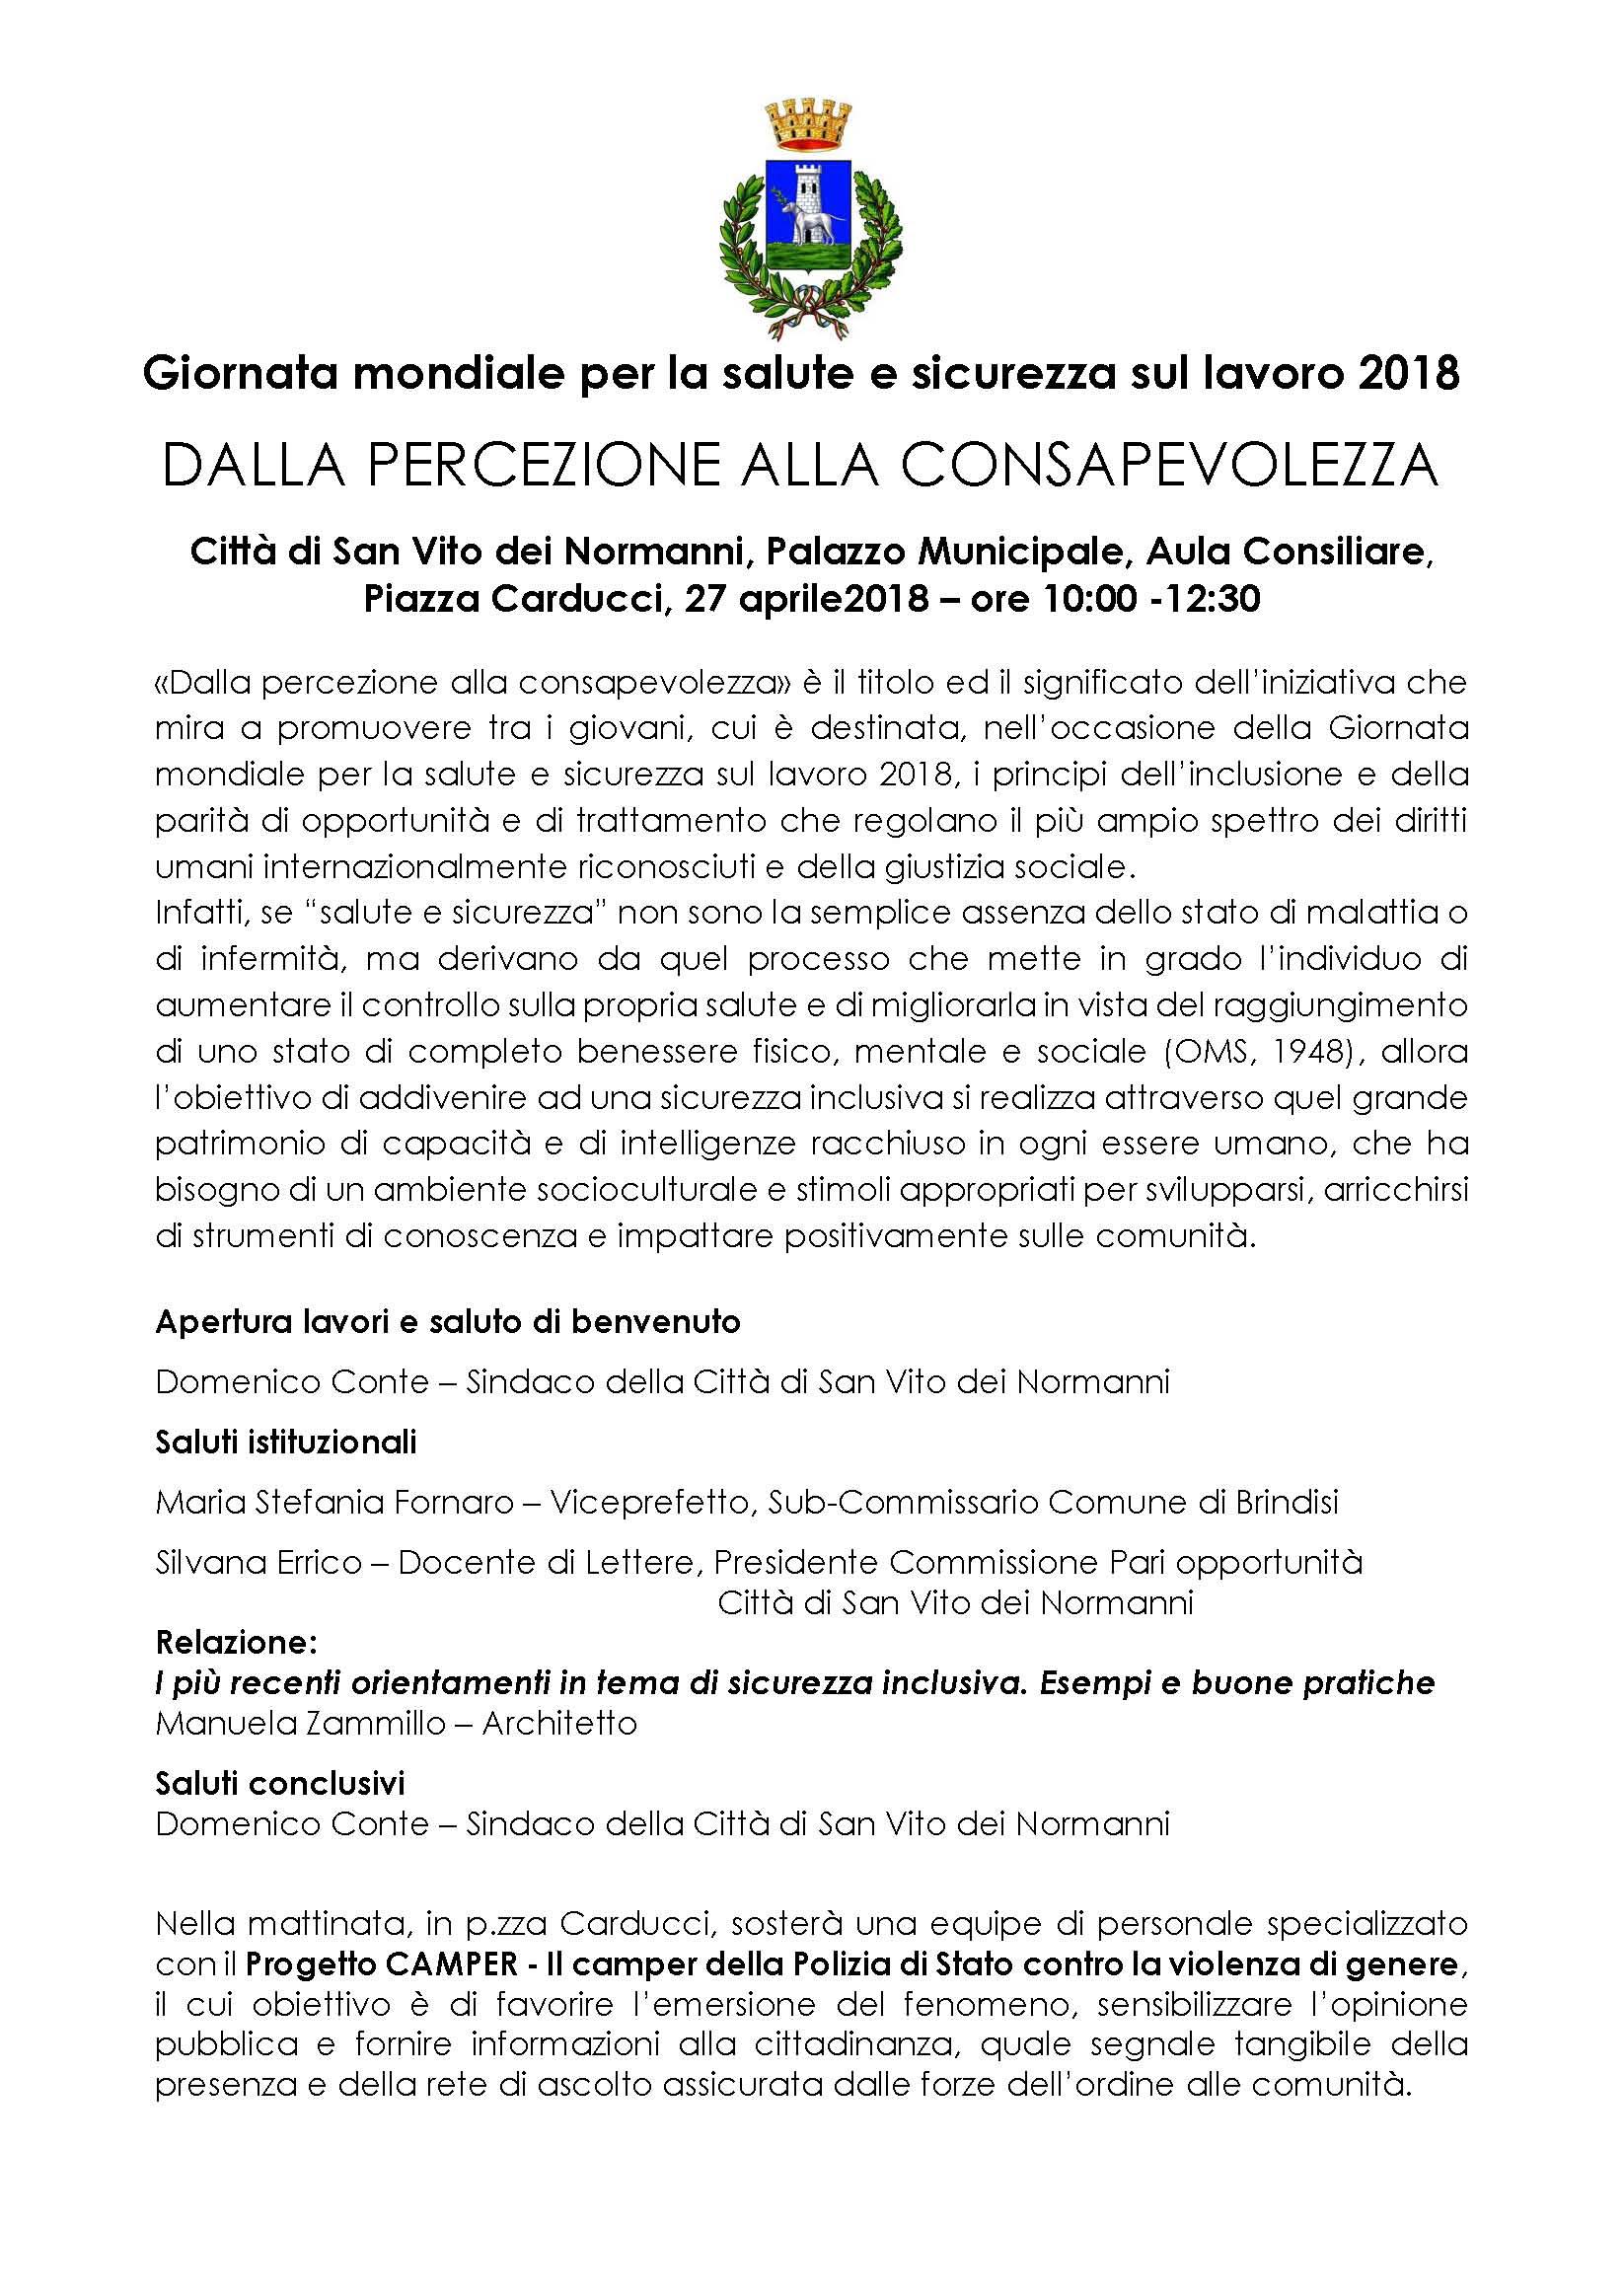 https://www.fondlhs.org/wp-content/uploads/2018/04/GIORNATA-MONDIALE-SICUREZZA-San-Vito-Normanni-27.04.2018.jpg